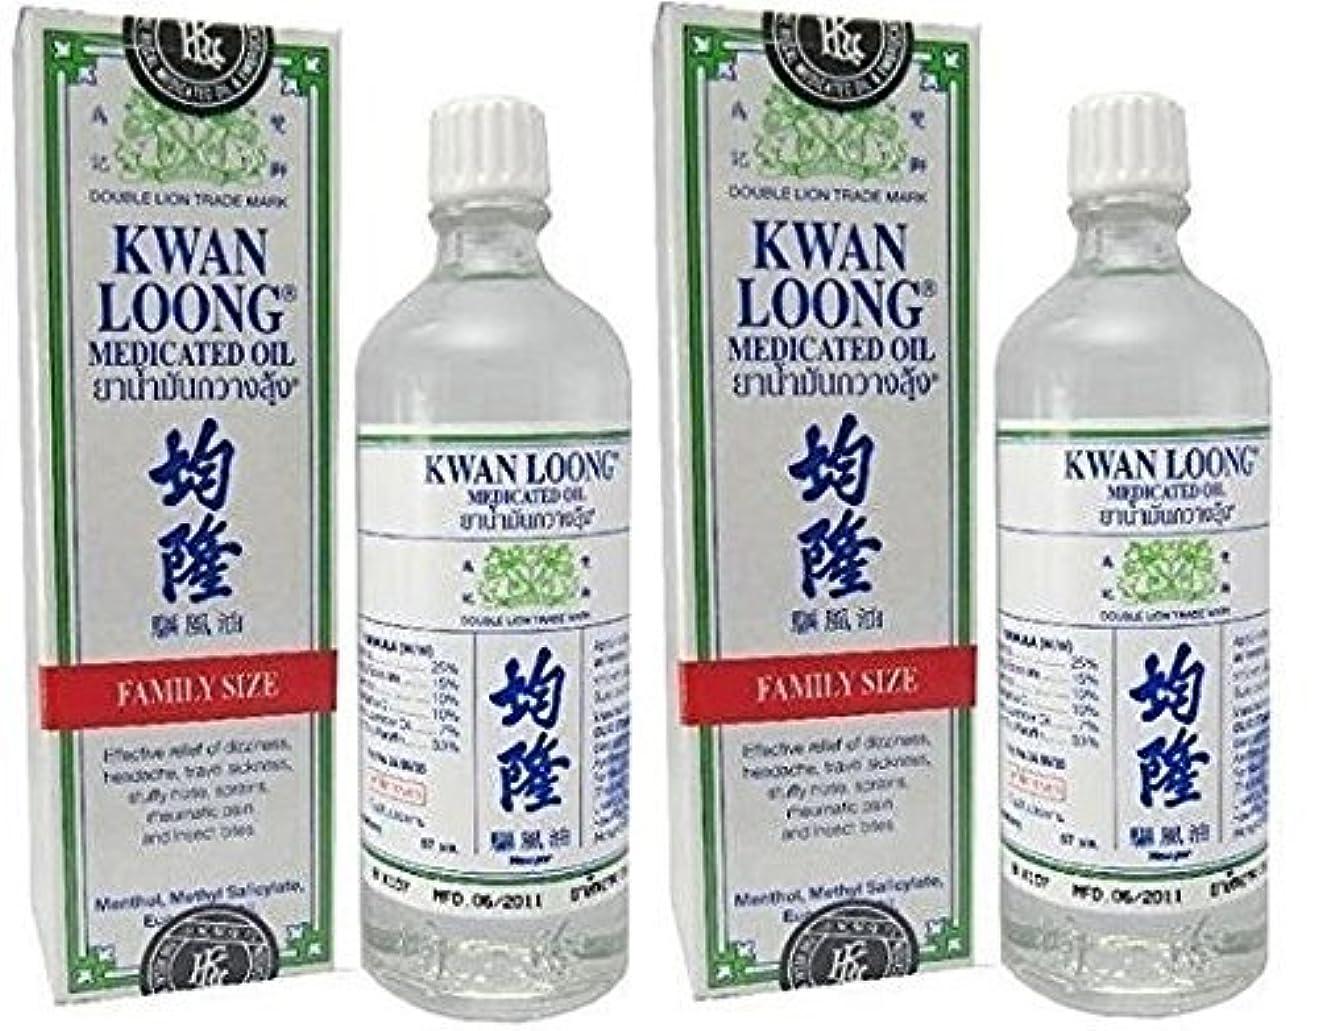 上トリム外観クワンルーン薬用オイル 2 x 57ミリリットル 2 x Kwan Loong Medicated Oil 57ml. Free Shipping.